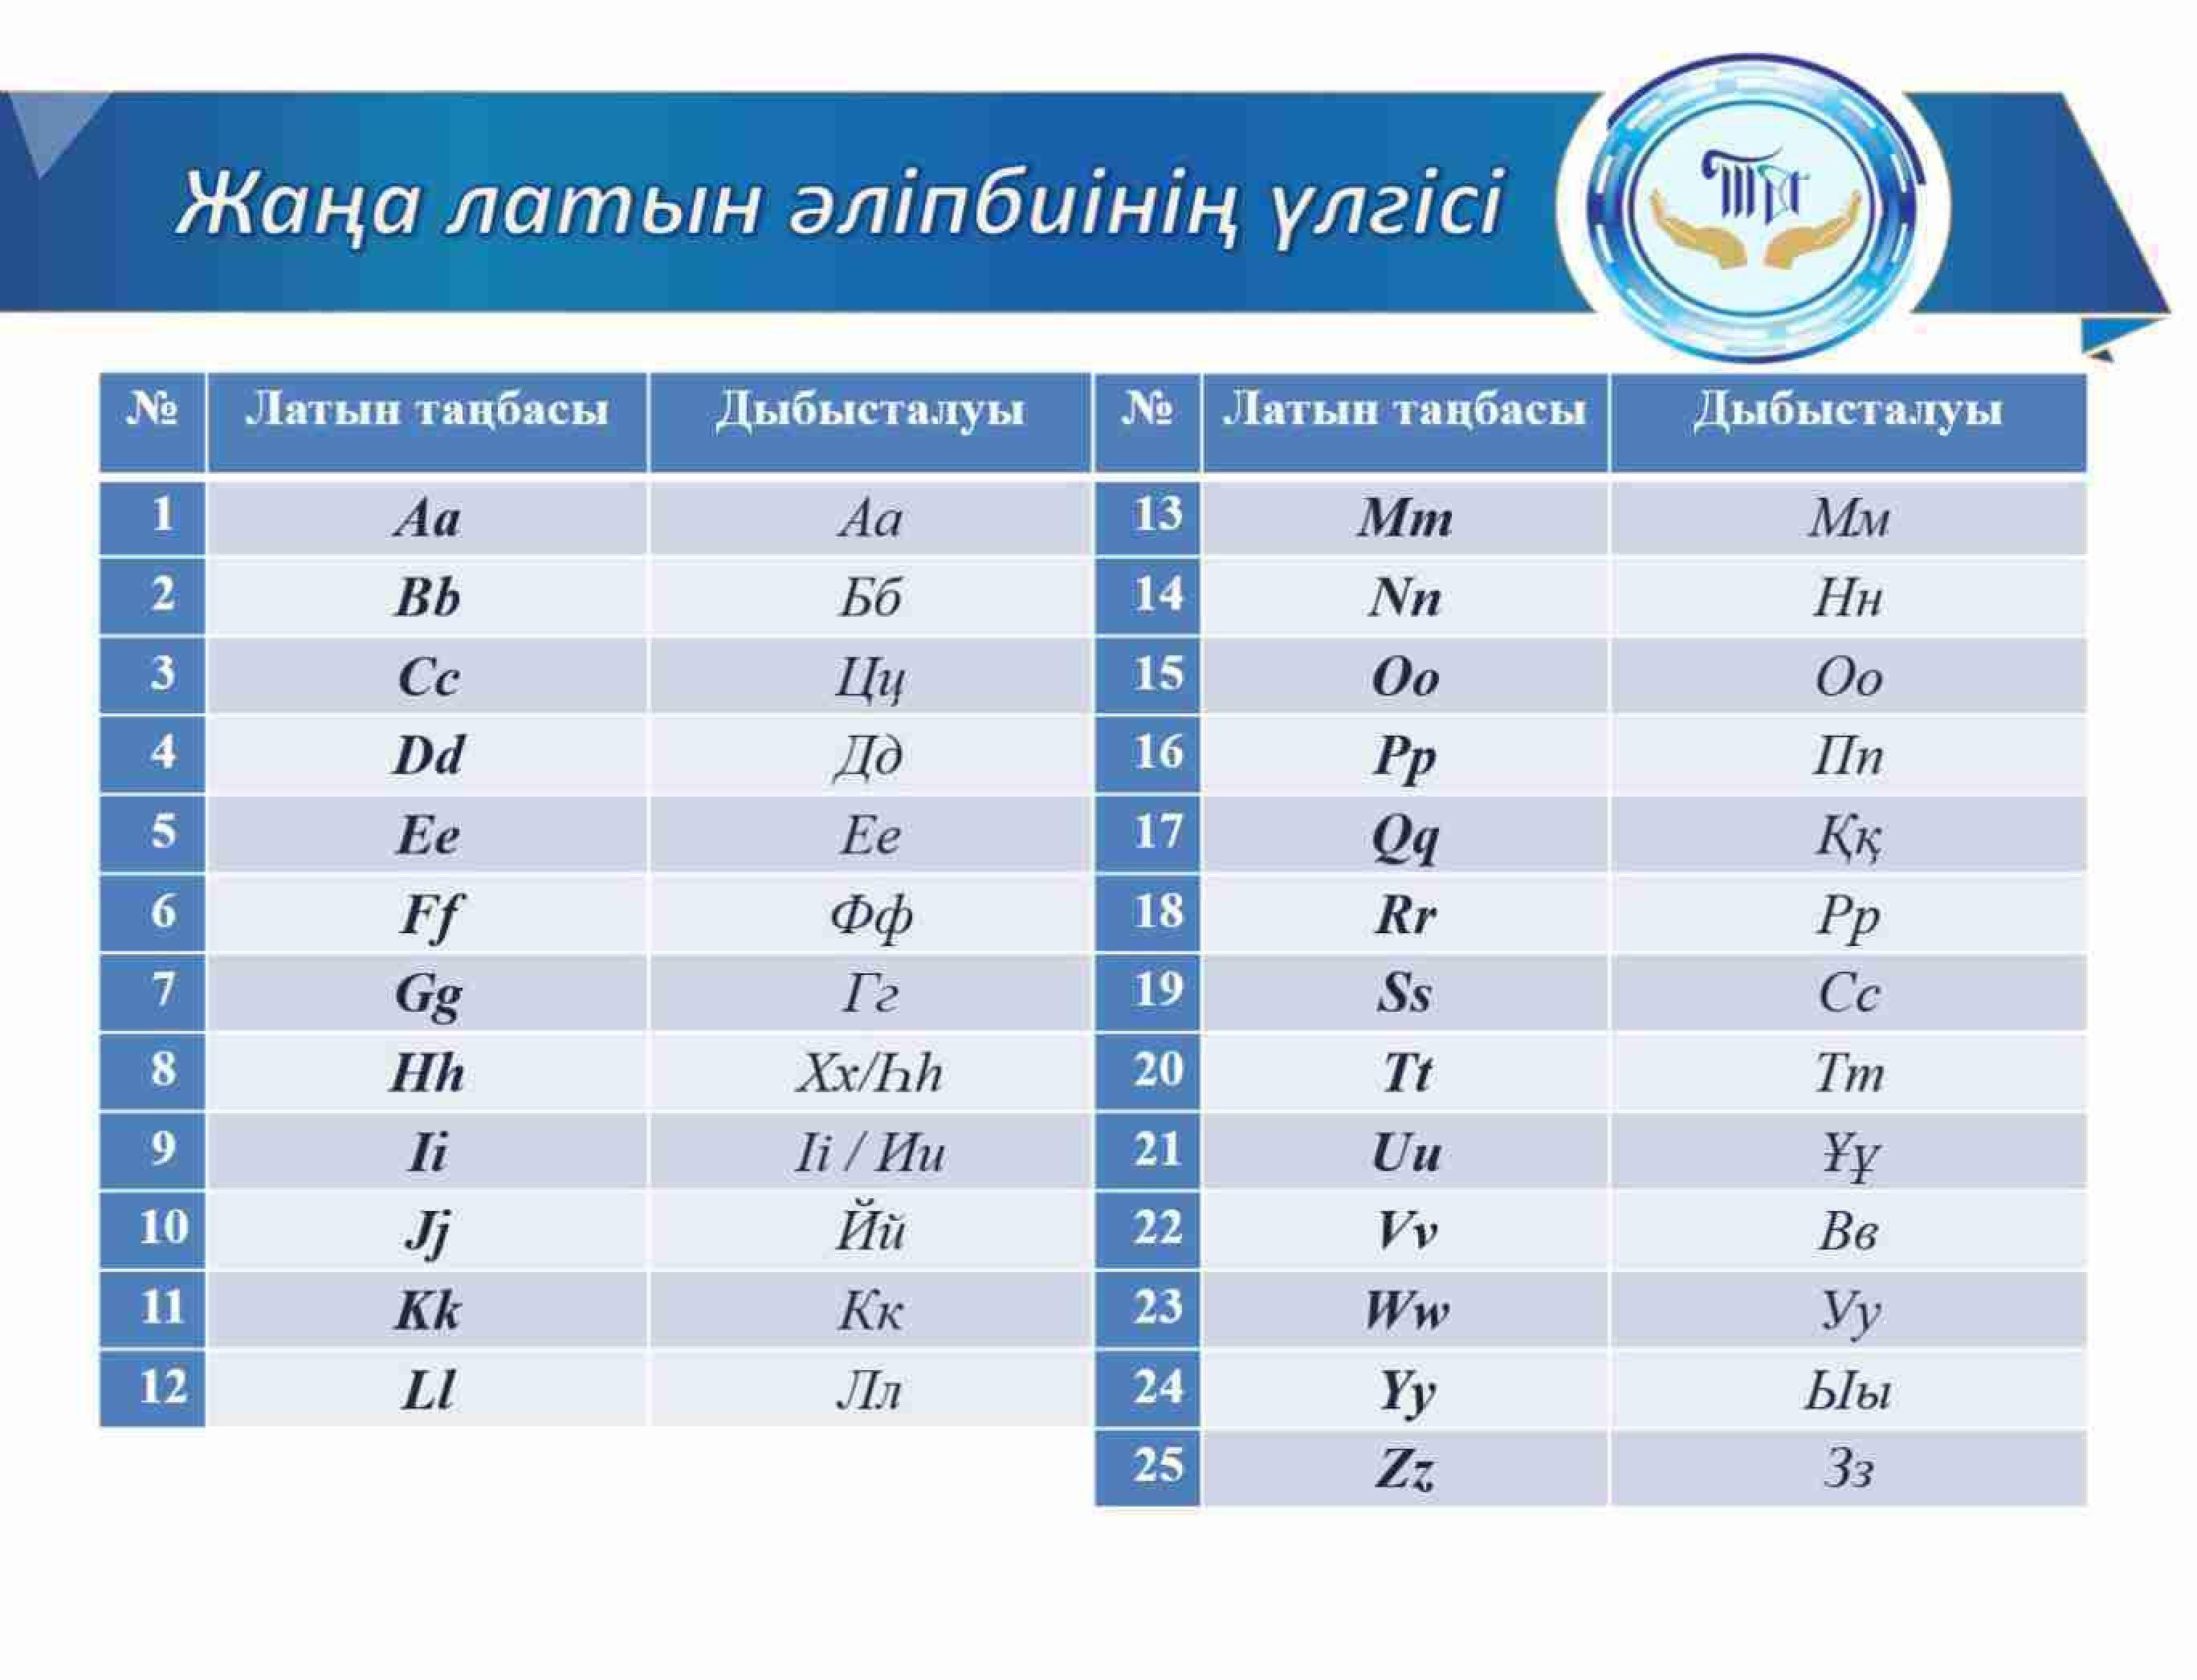 Токаев рассказал, когда казахский алфавит переведут на латиницу